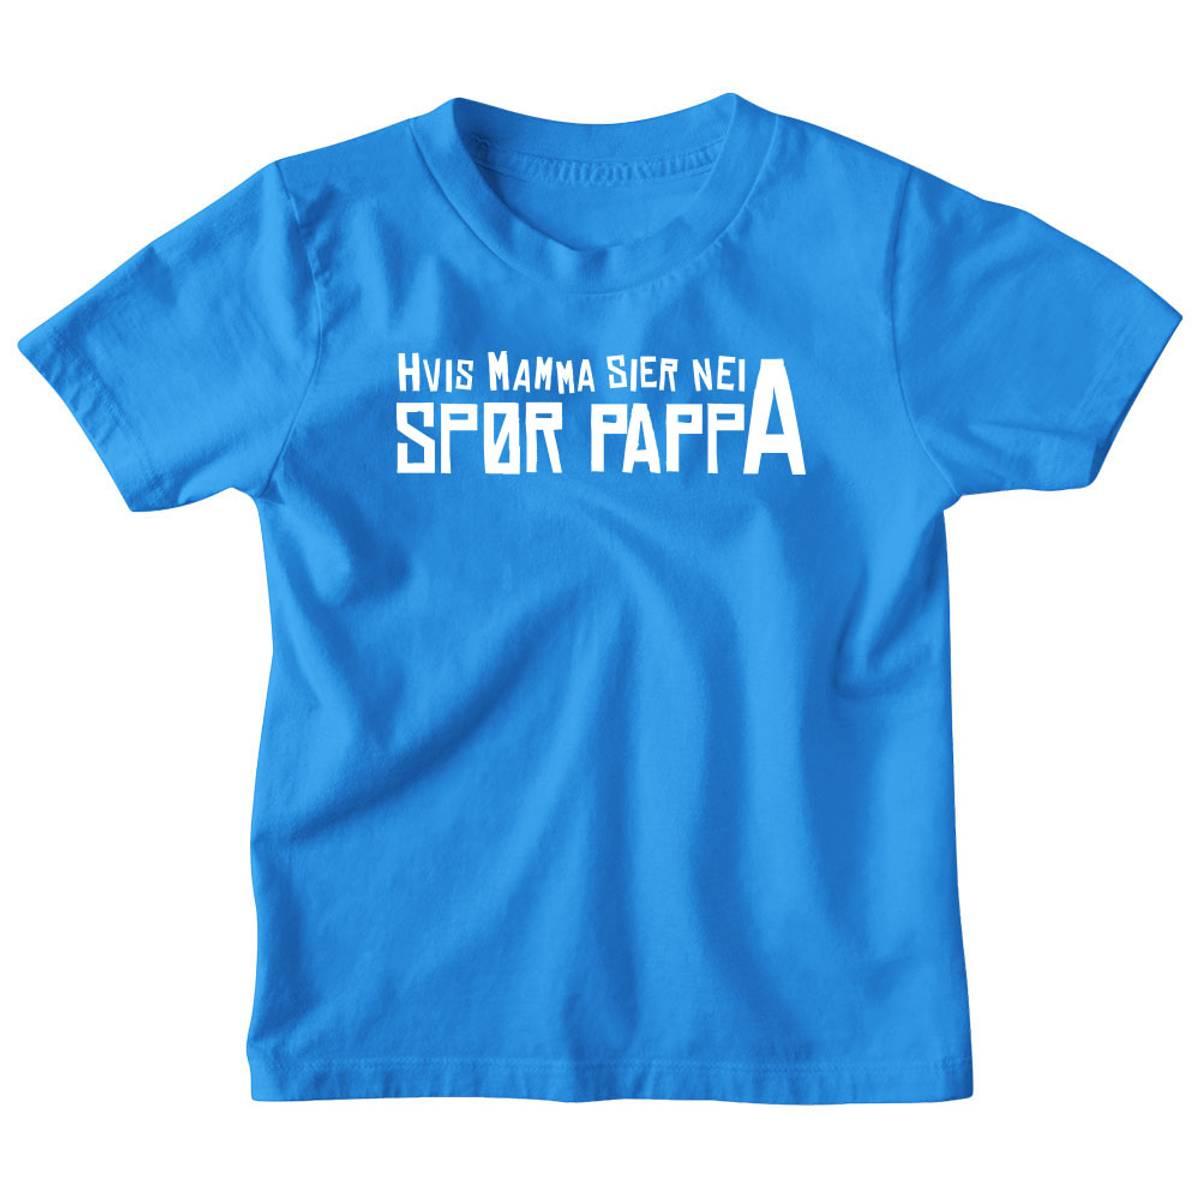 Om Mamma sier nei - T-skjorte Barn